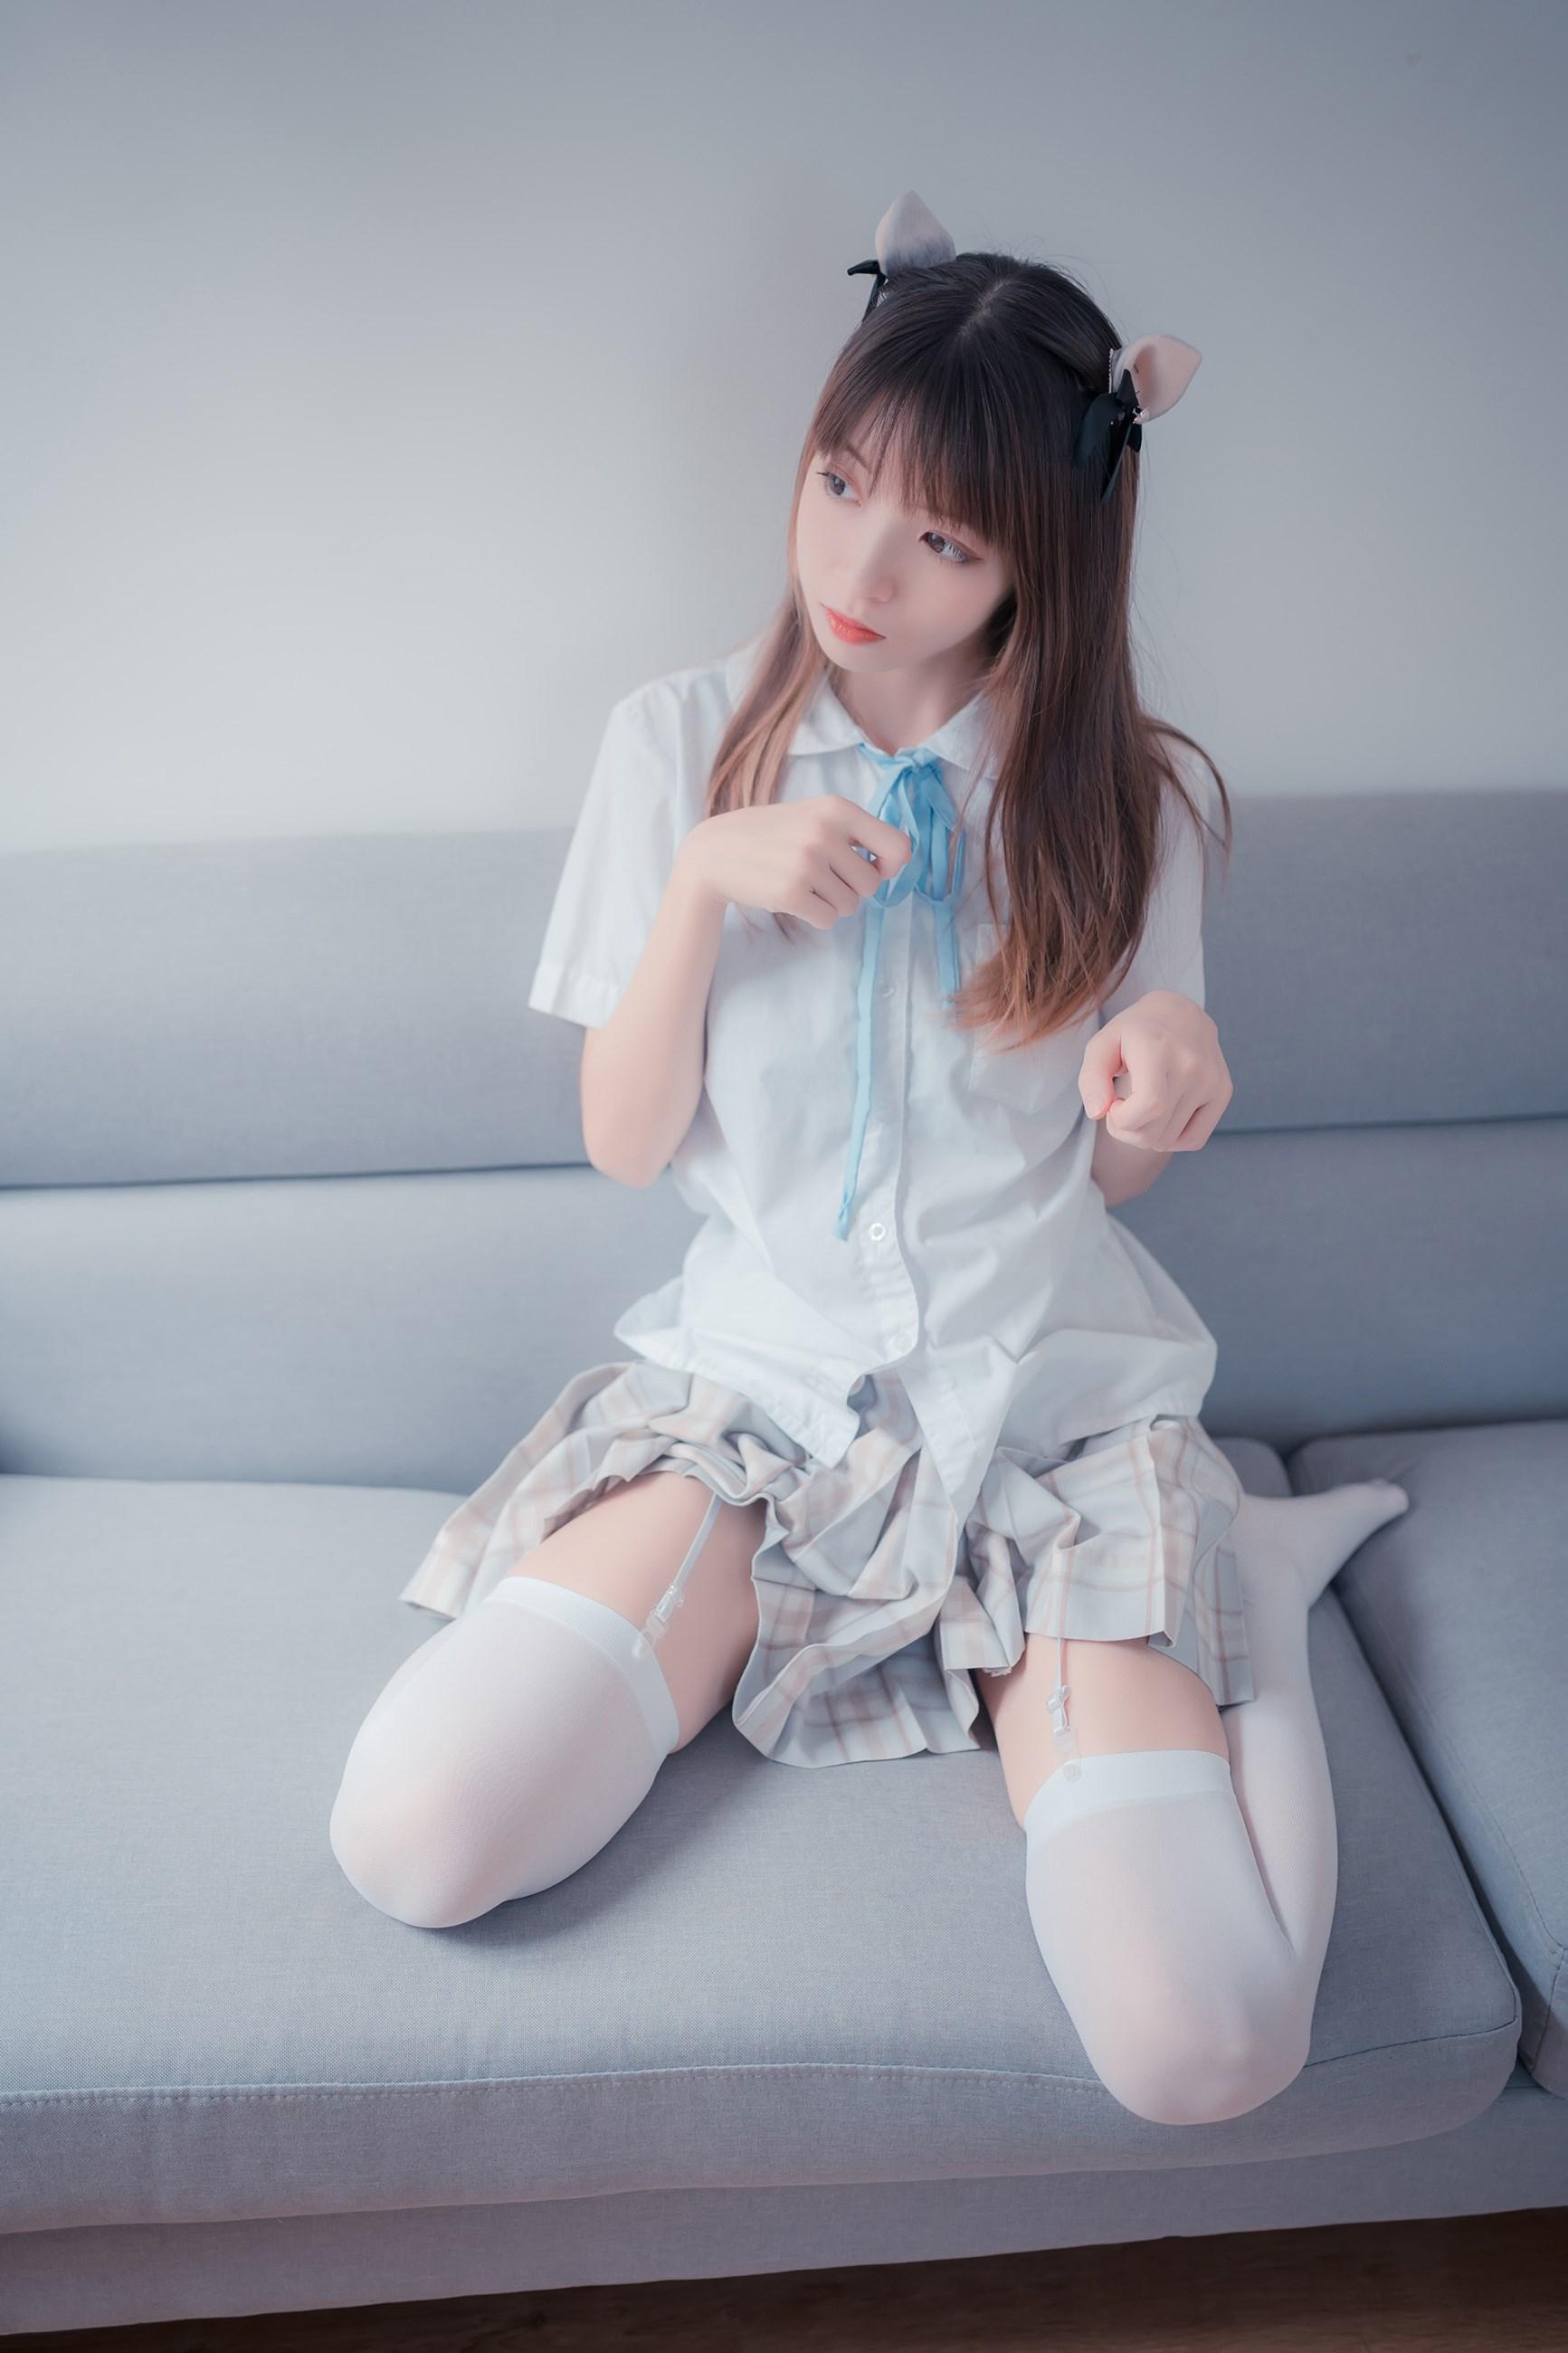 【兔玩映画】沙发上的JK少女 兔玩映画 第1张